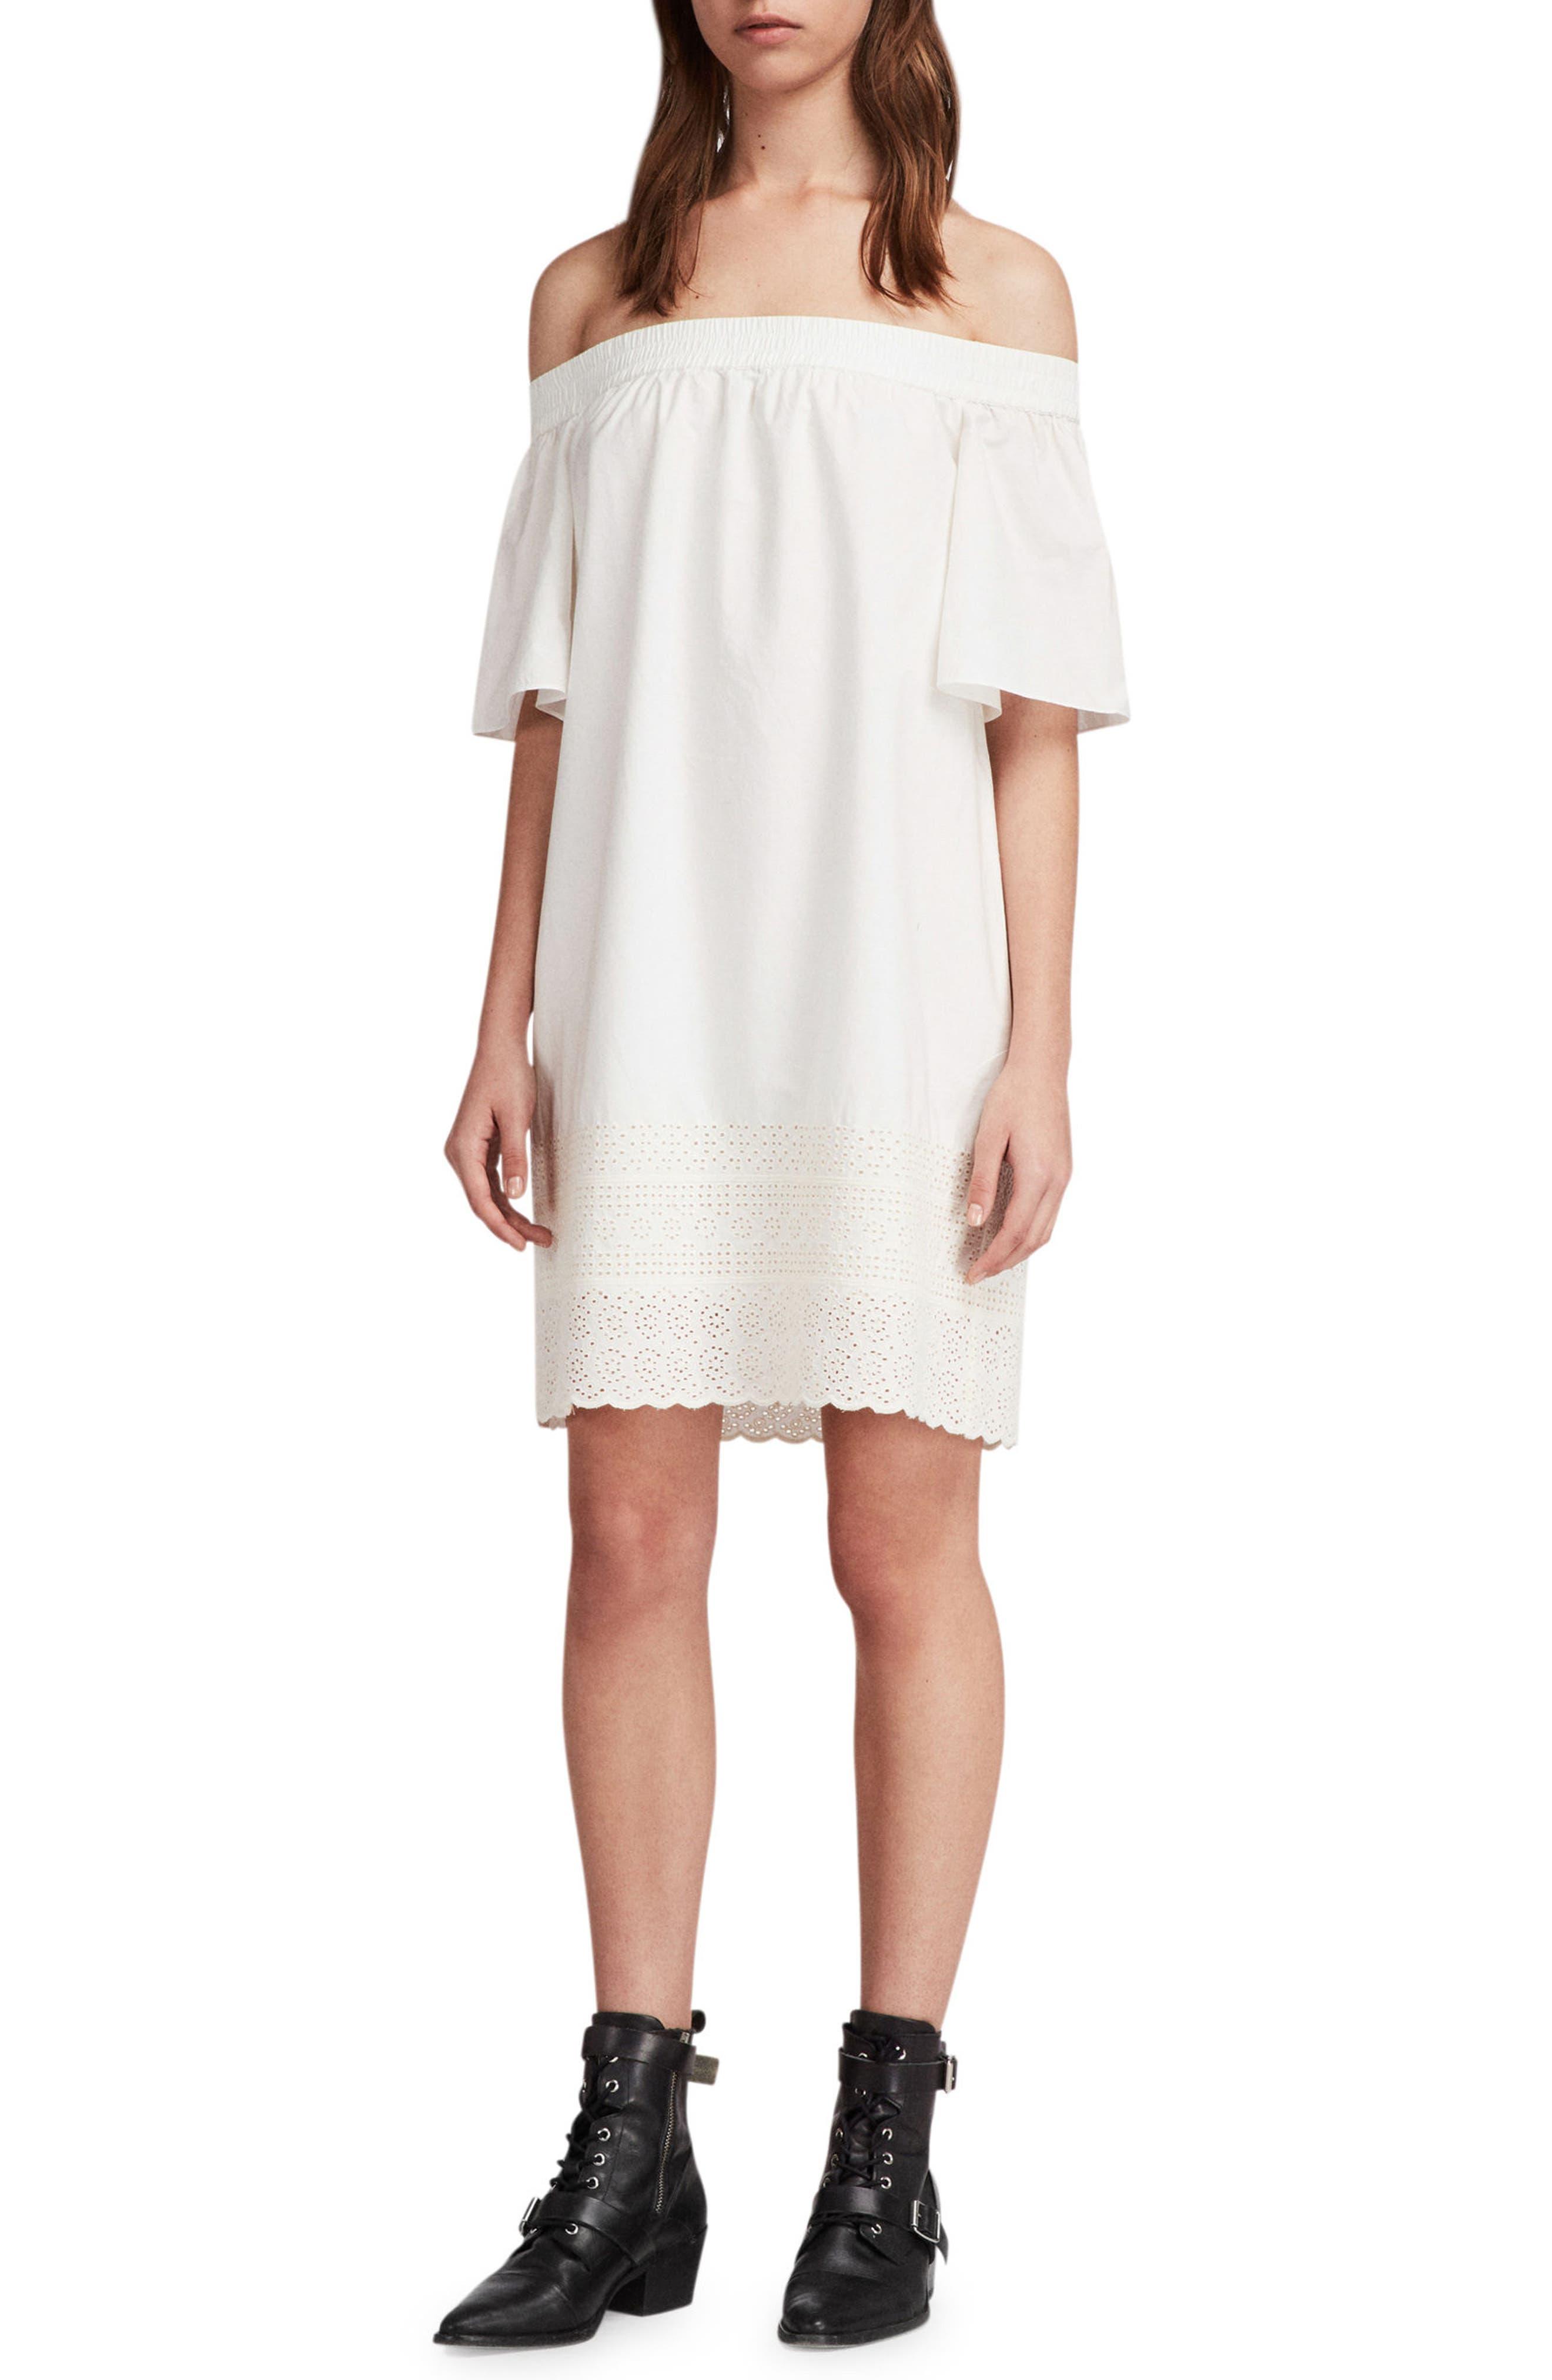 Livia Trixi Off the Shoulder Cotton Dress,                             Main thumbnail 1, color,                             Chalk White